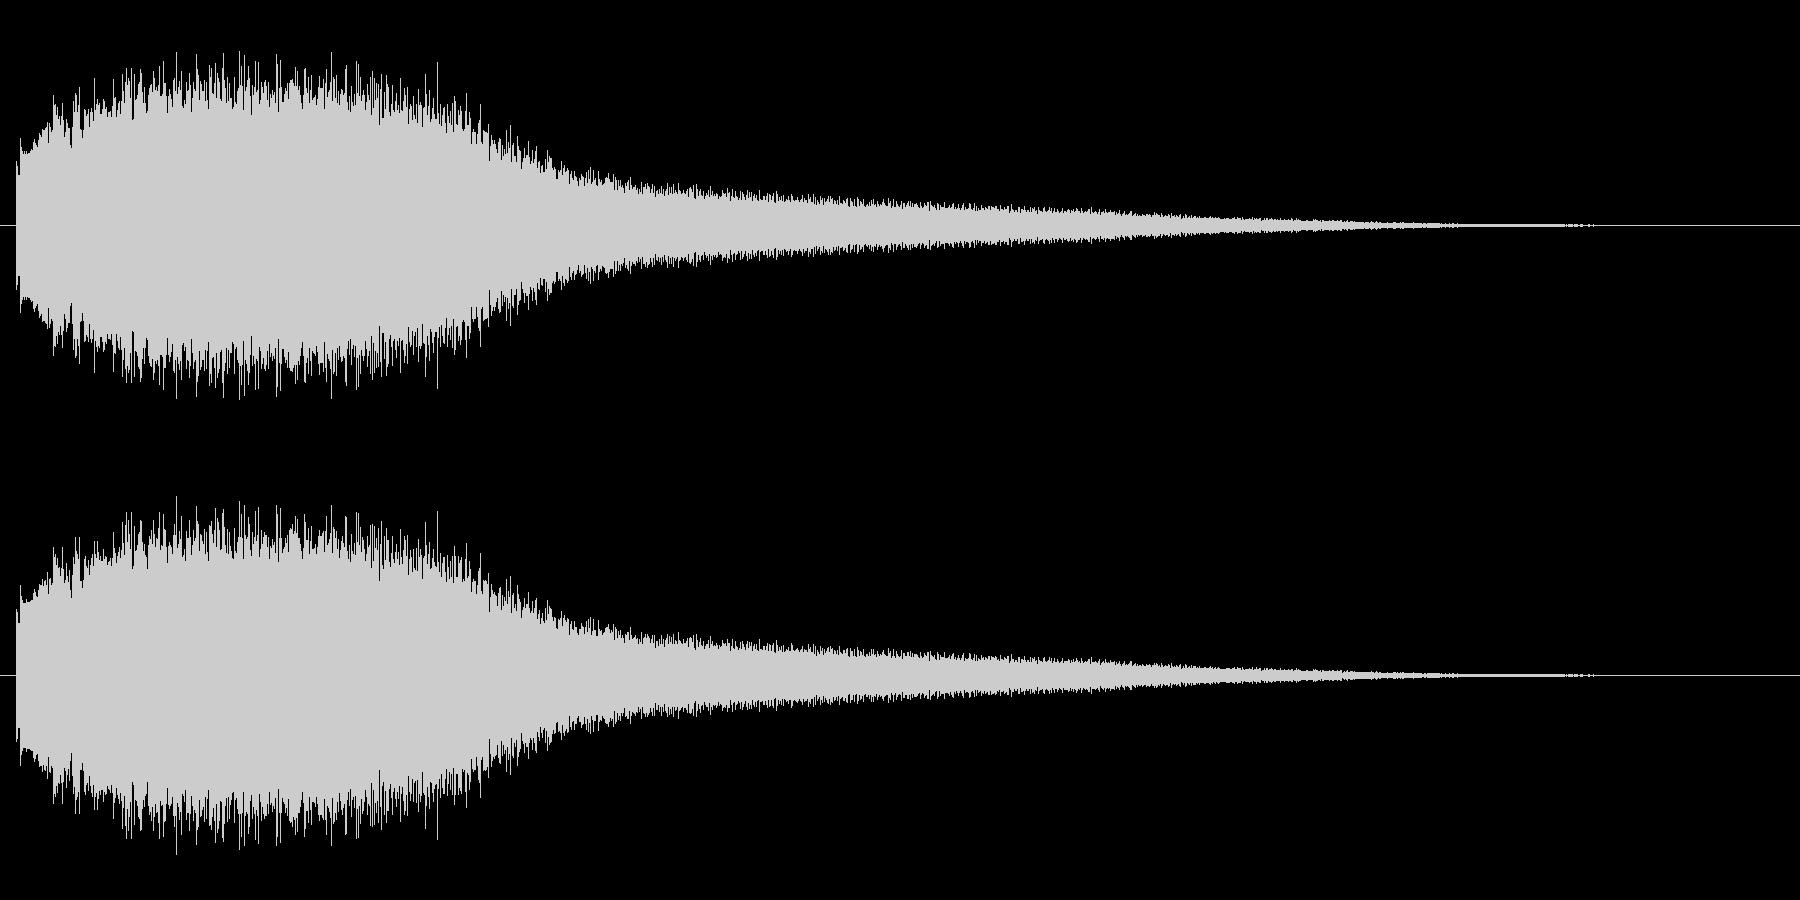 機械 アトナルリズムライザーショート01の未再生の波形